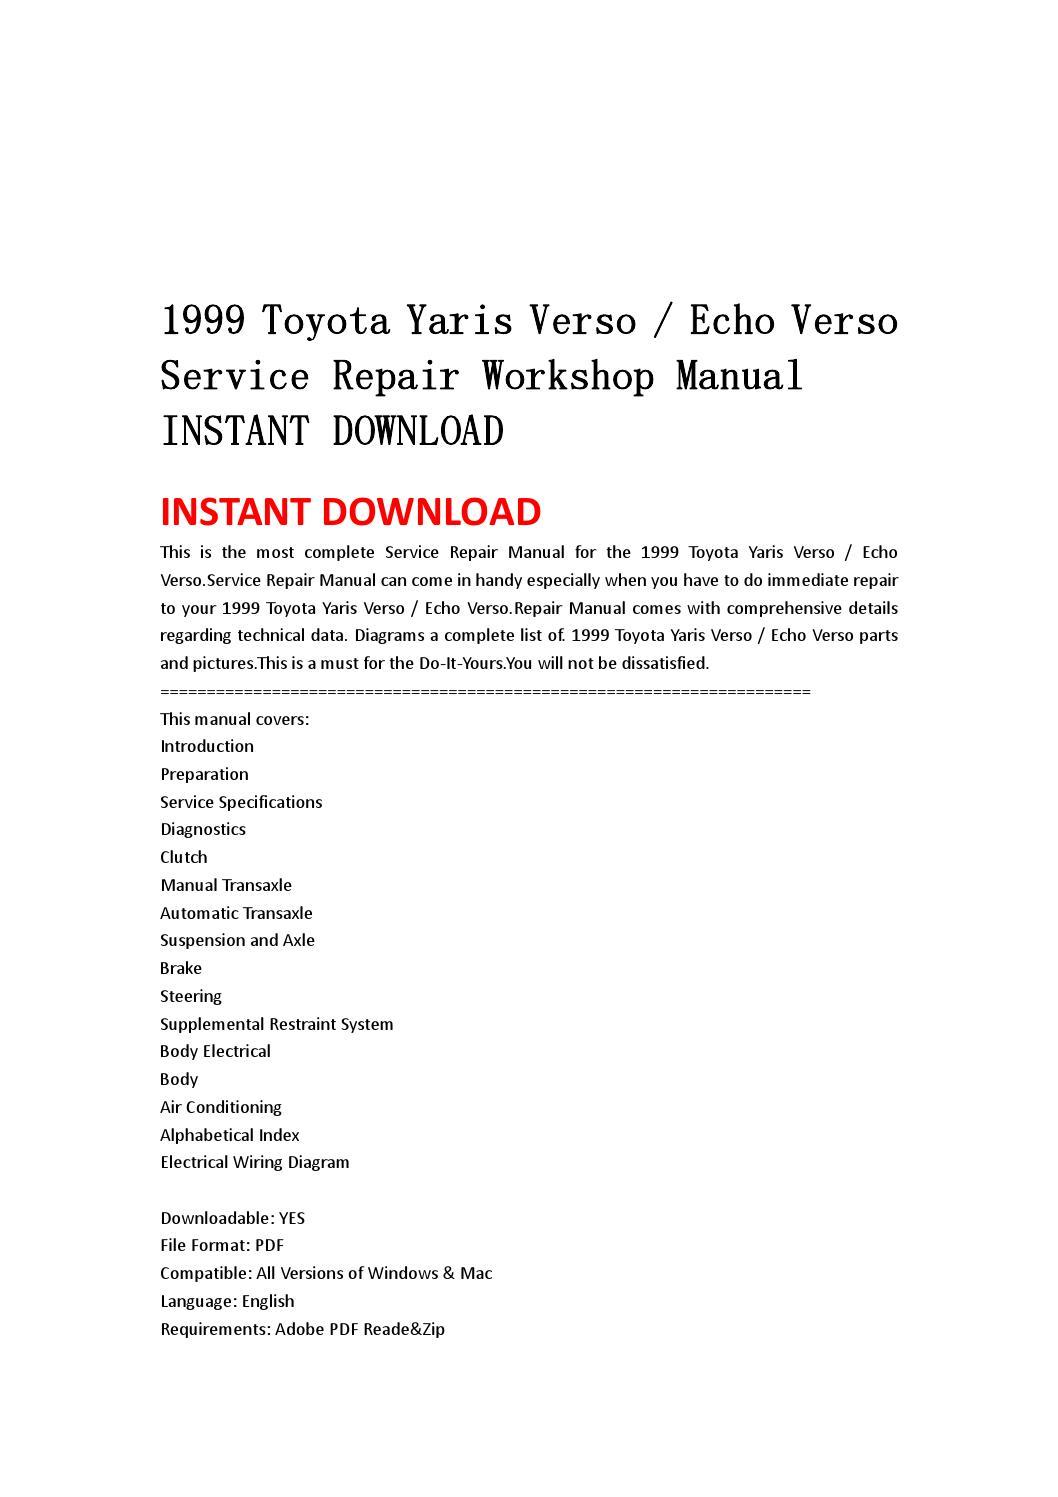 1999 2005 Toyota Yaris Verso Echo Verso Service Repair Manual Download   99 00 01 02 03 04 05